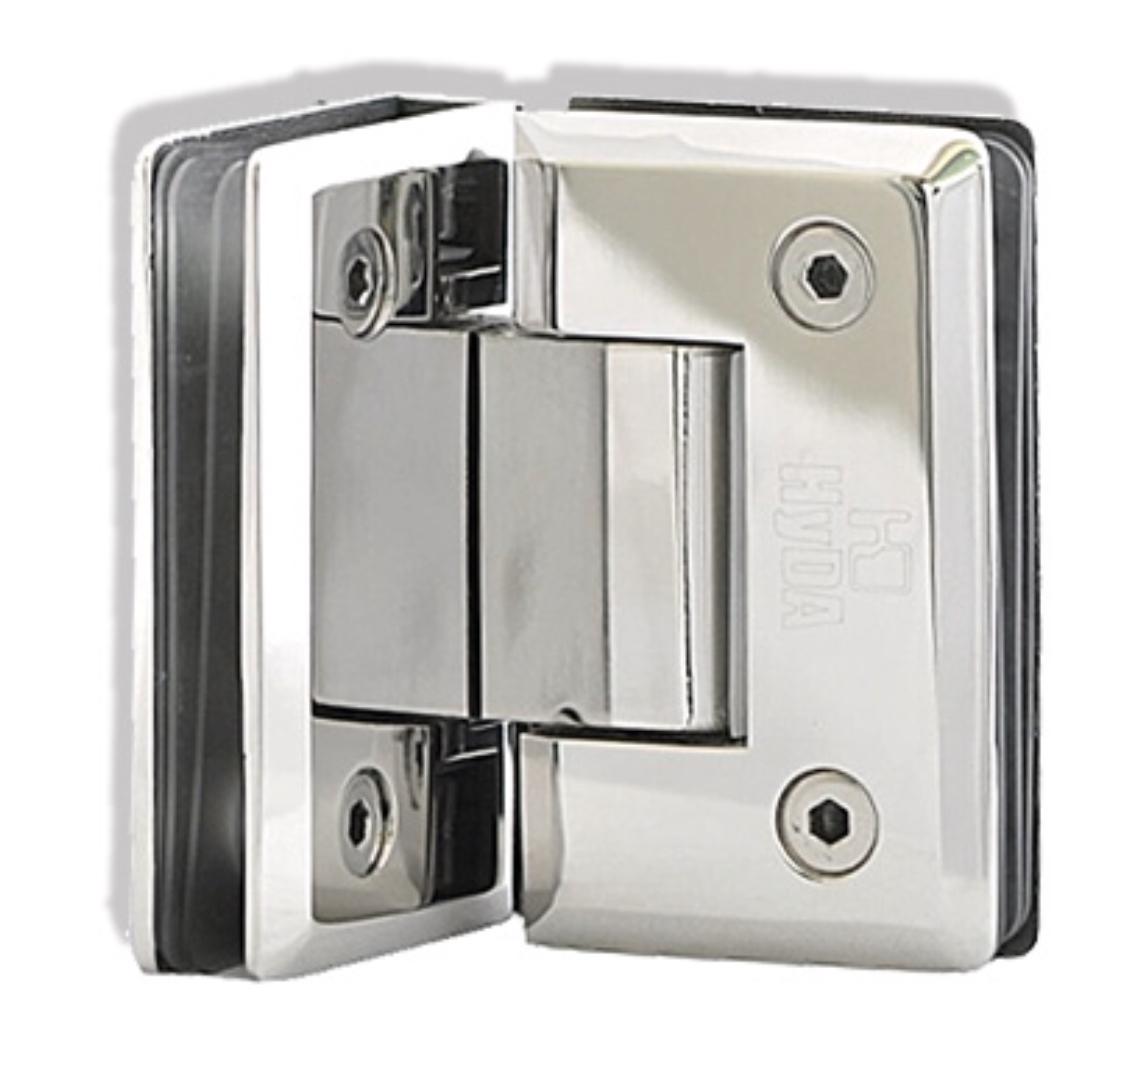 Hd701 Shower Door Fittings Double Hinges 90 Cnt